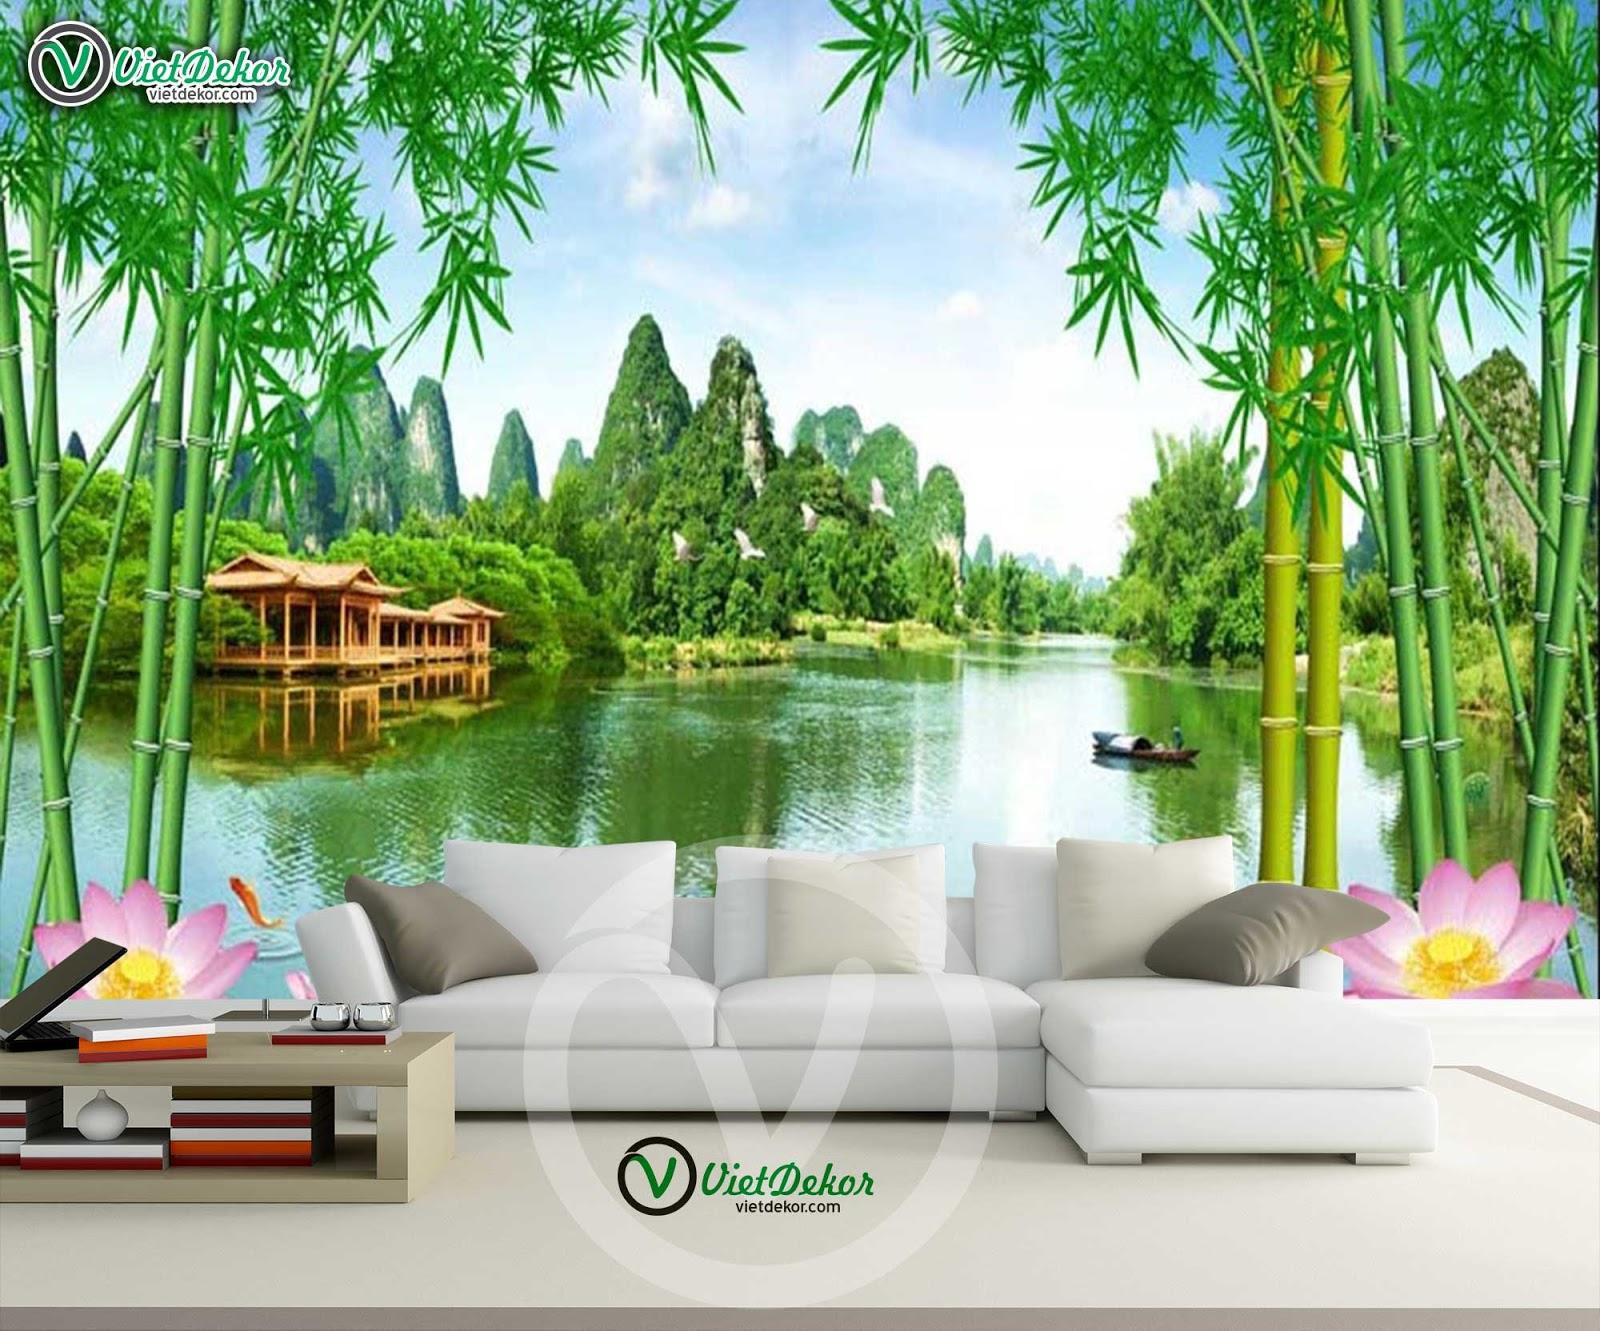 Tranh phong cảnh sông nước cây trúc đẹp